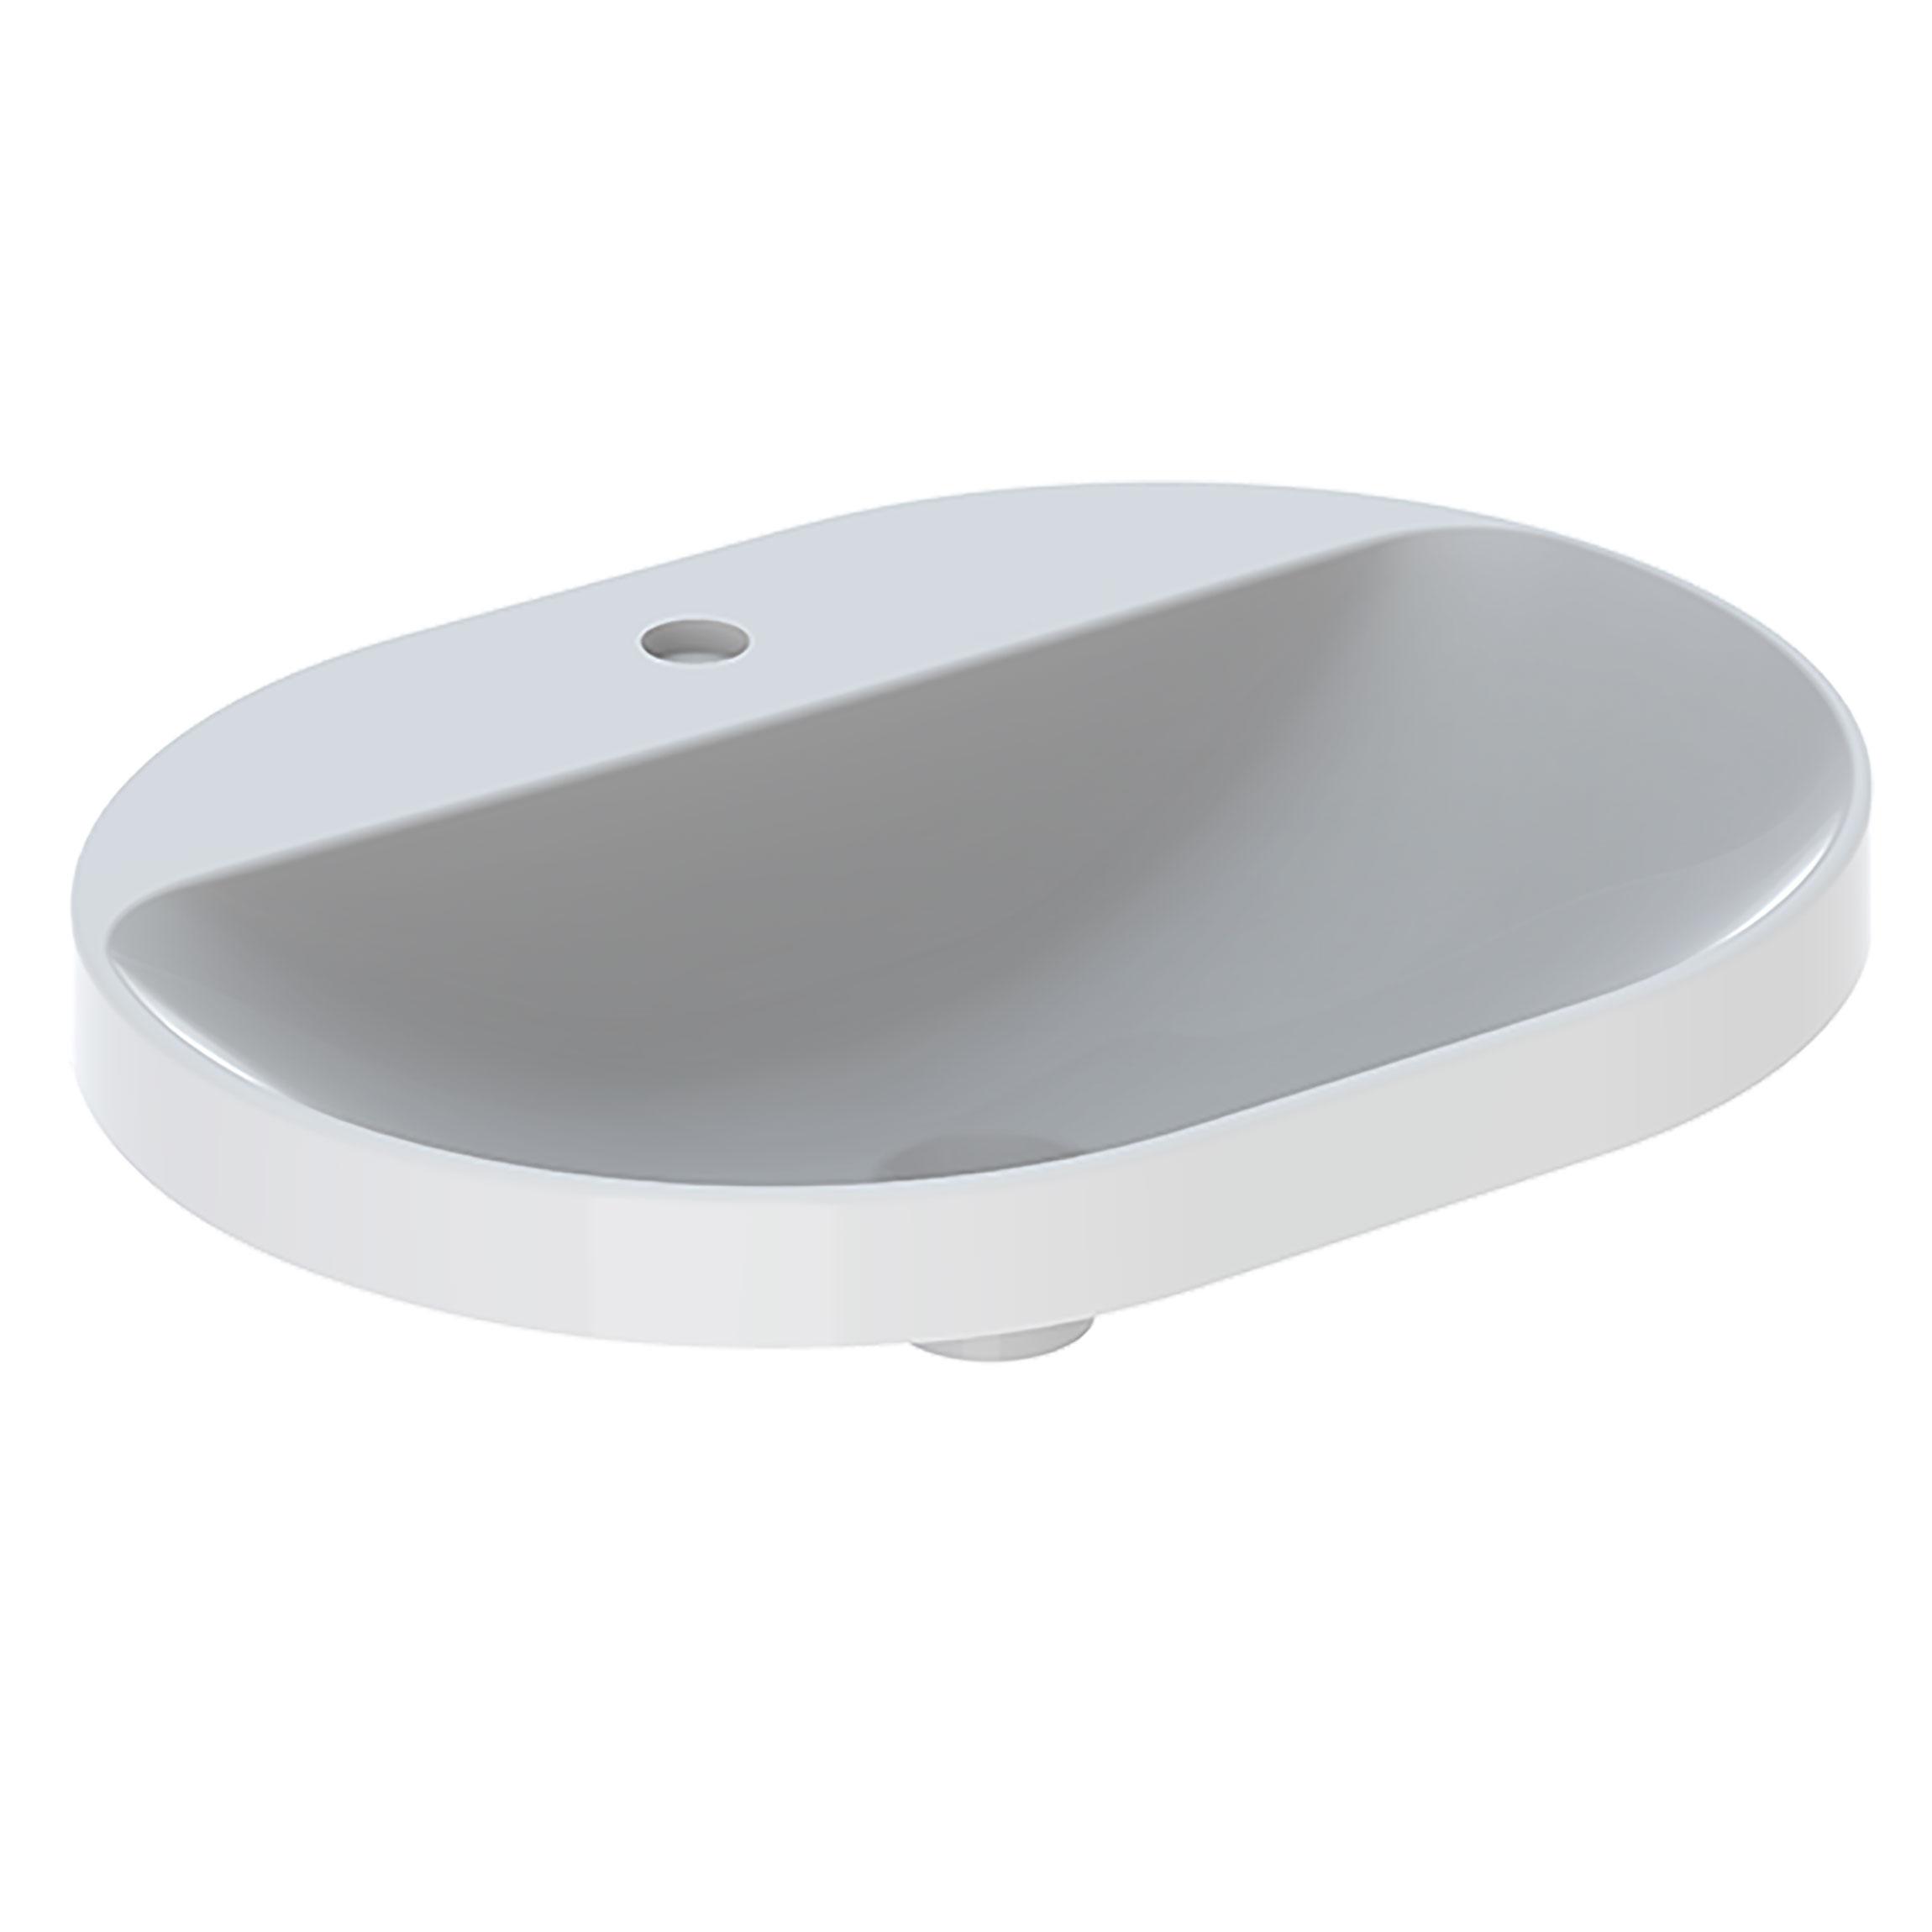 Tvättställ Geberit Variform 600 mm Infälld Elliptiskt Kanthylla